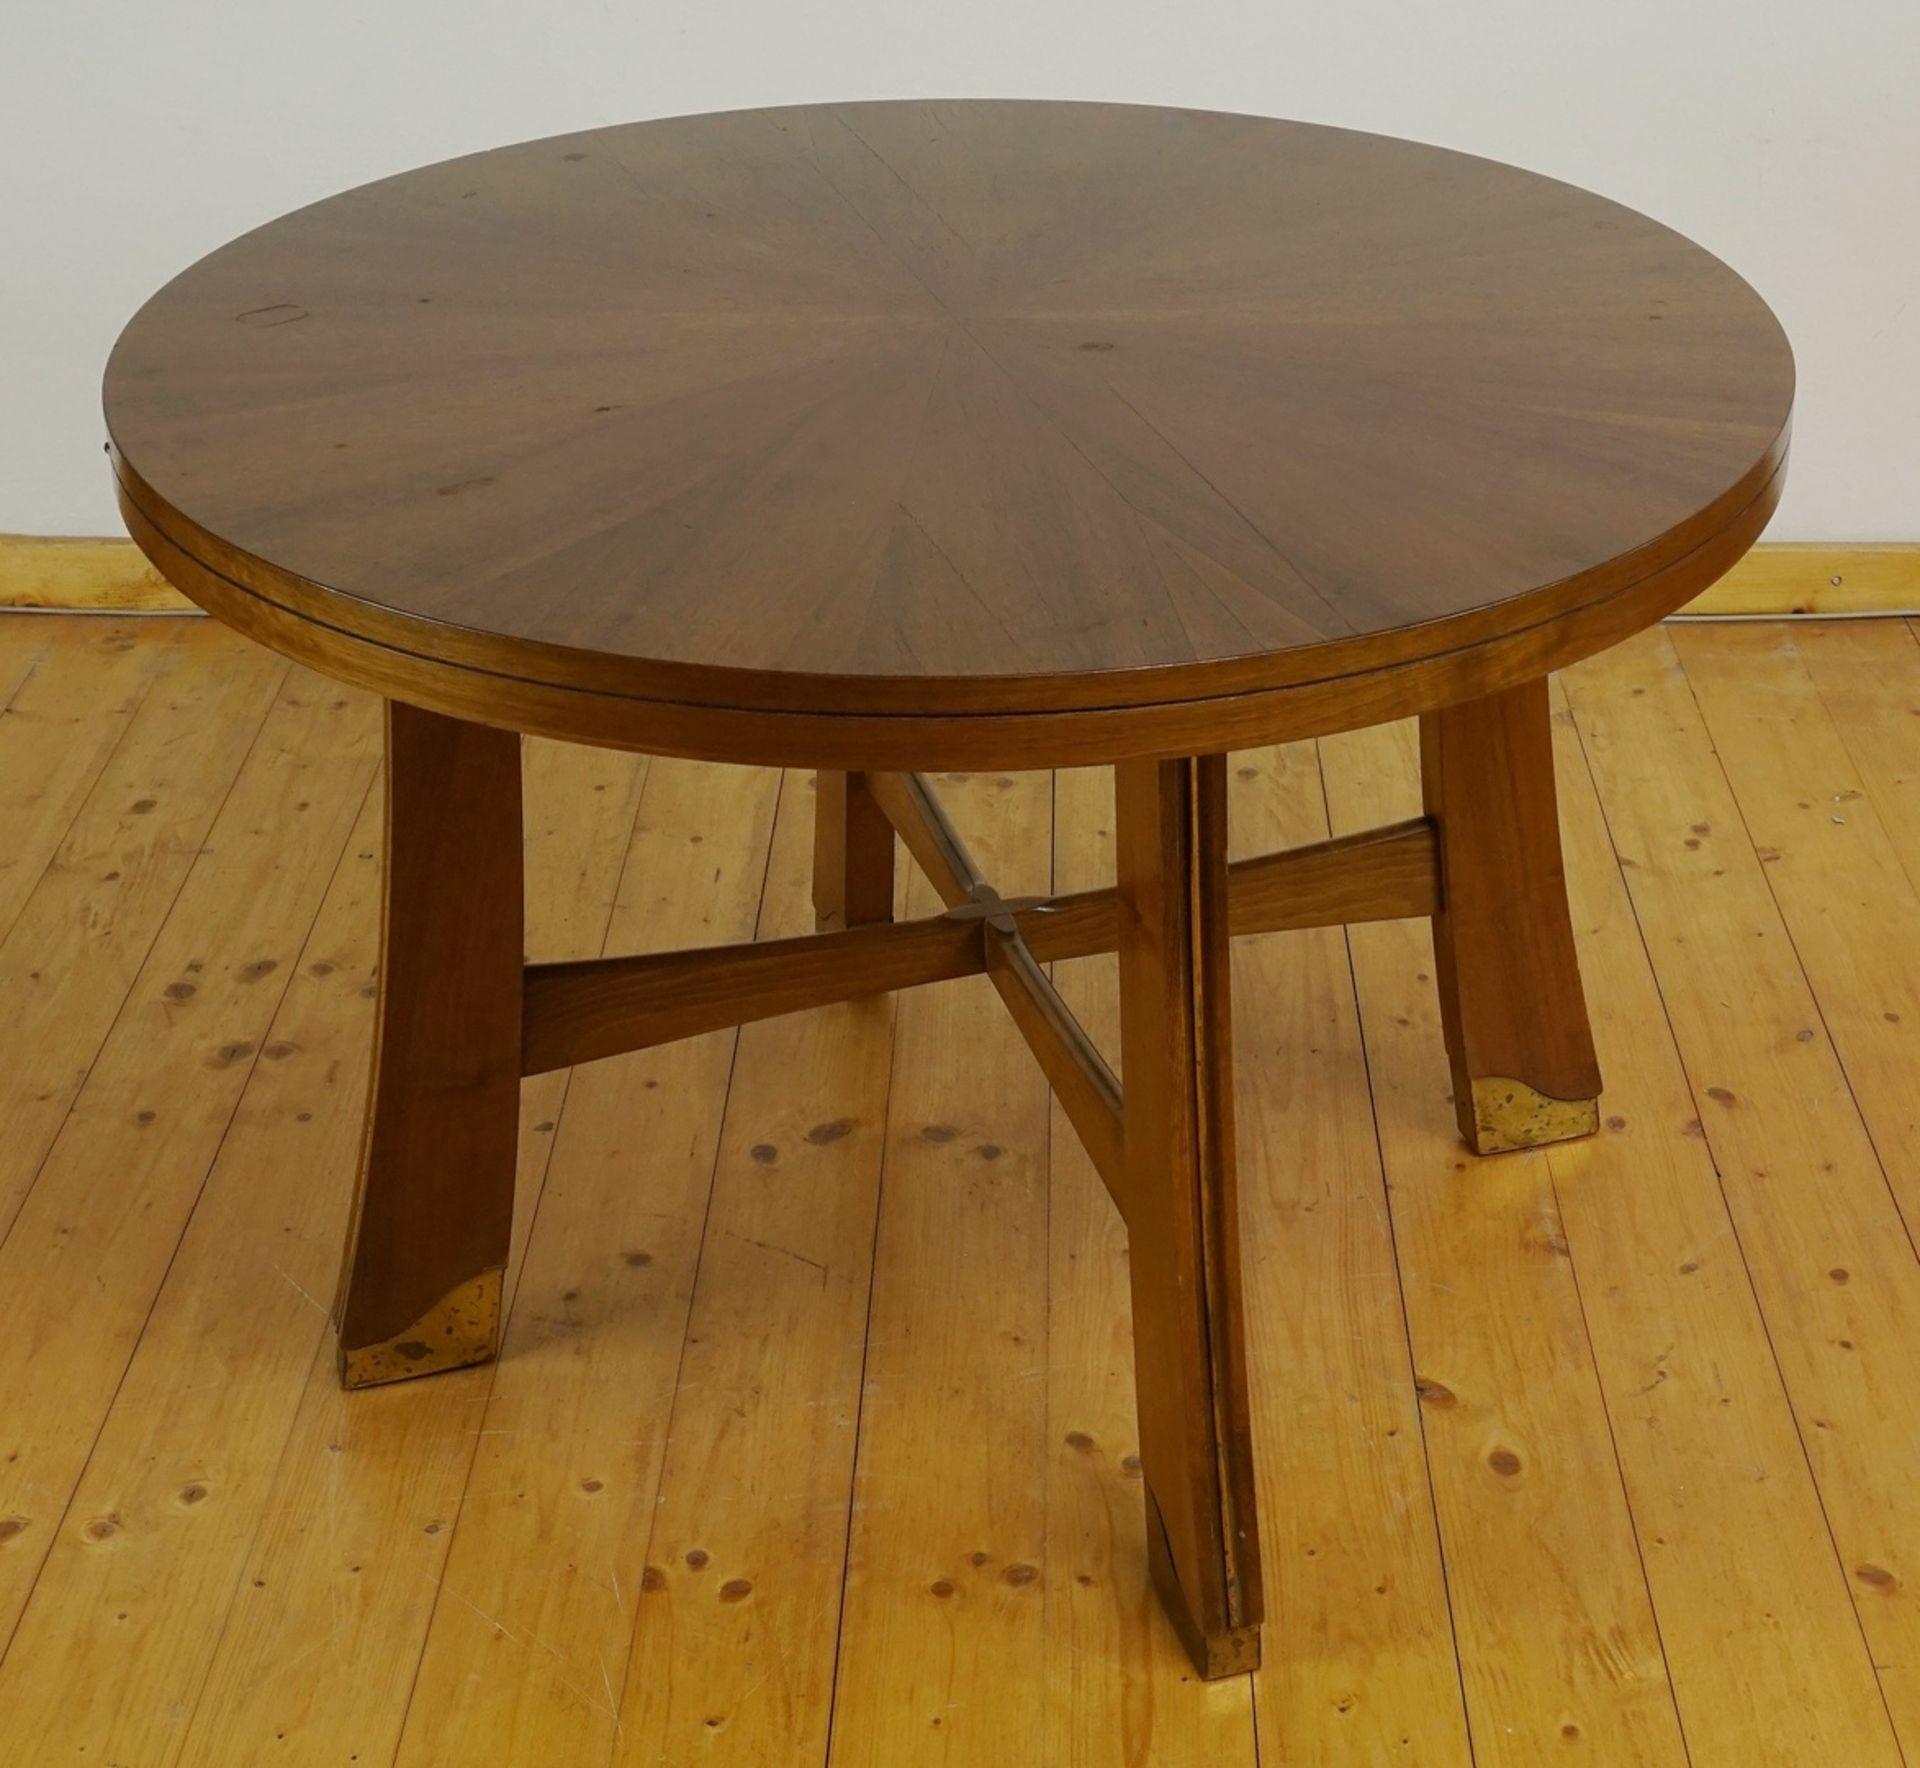 Runder Jugendstil Tisch, Nussbaum furniert